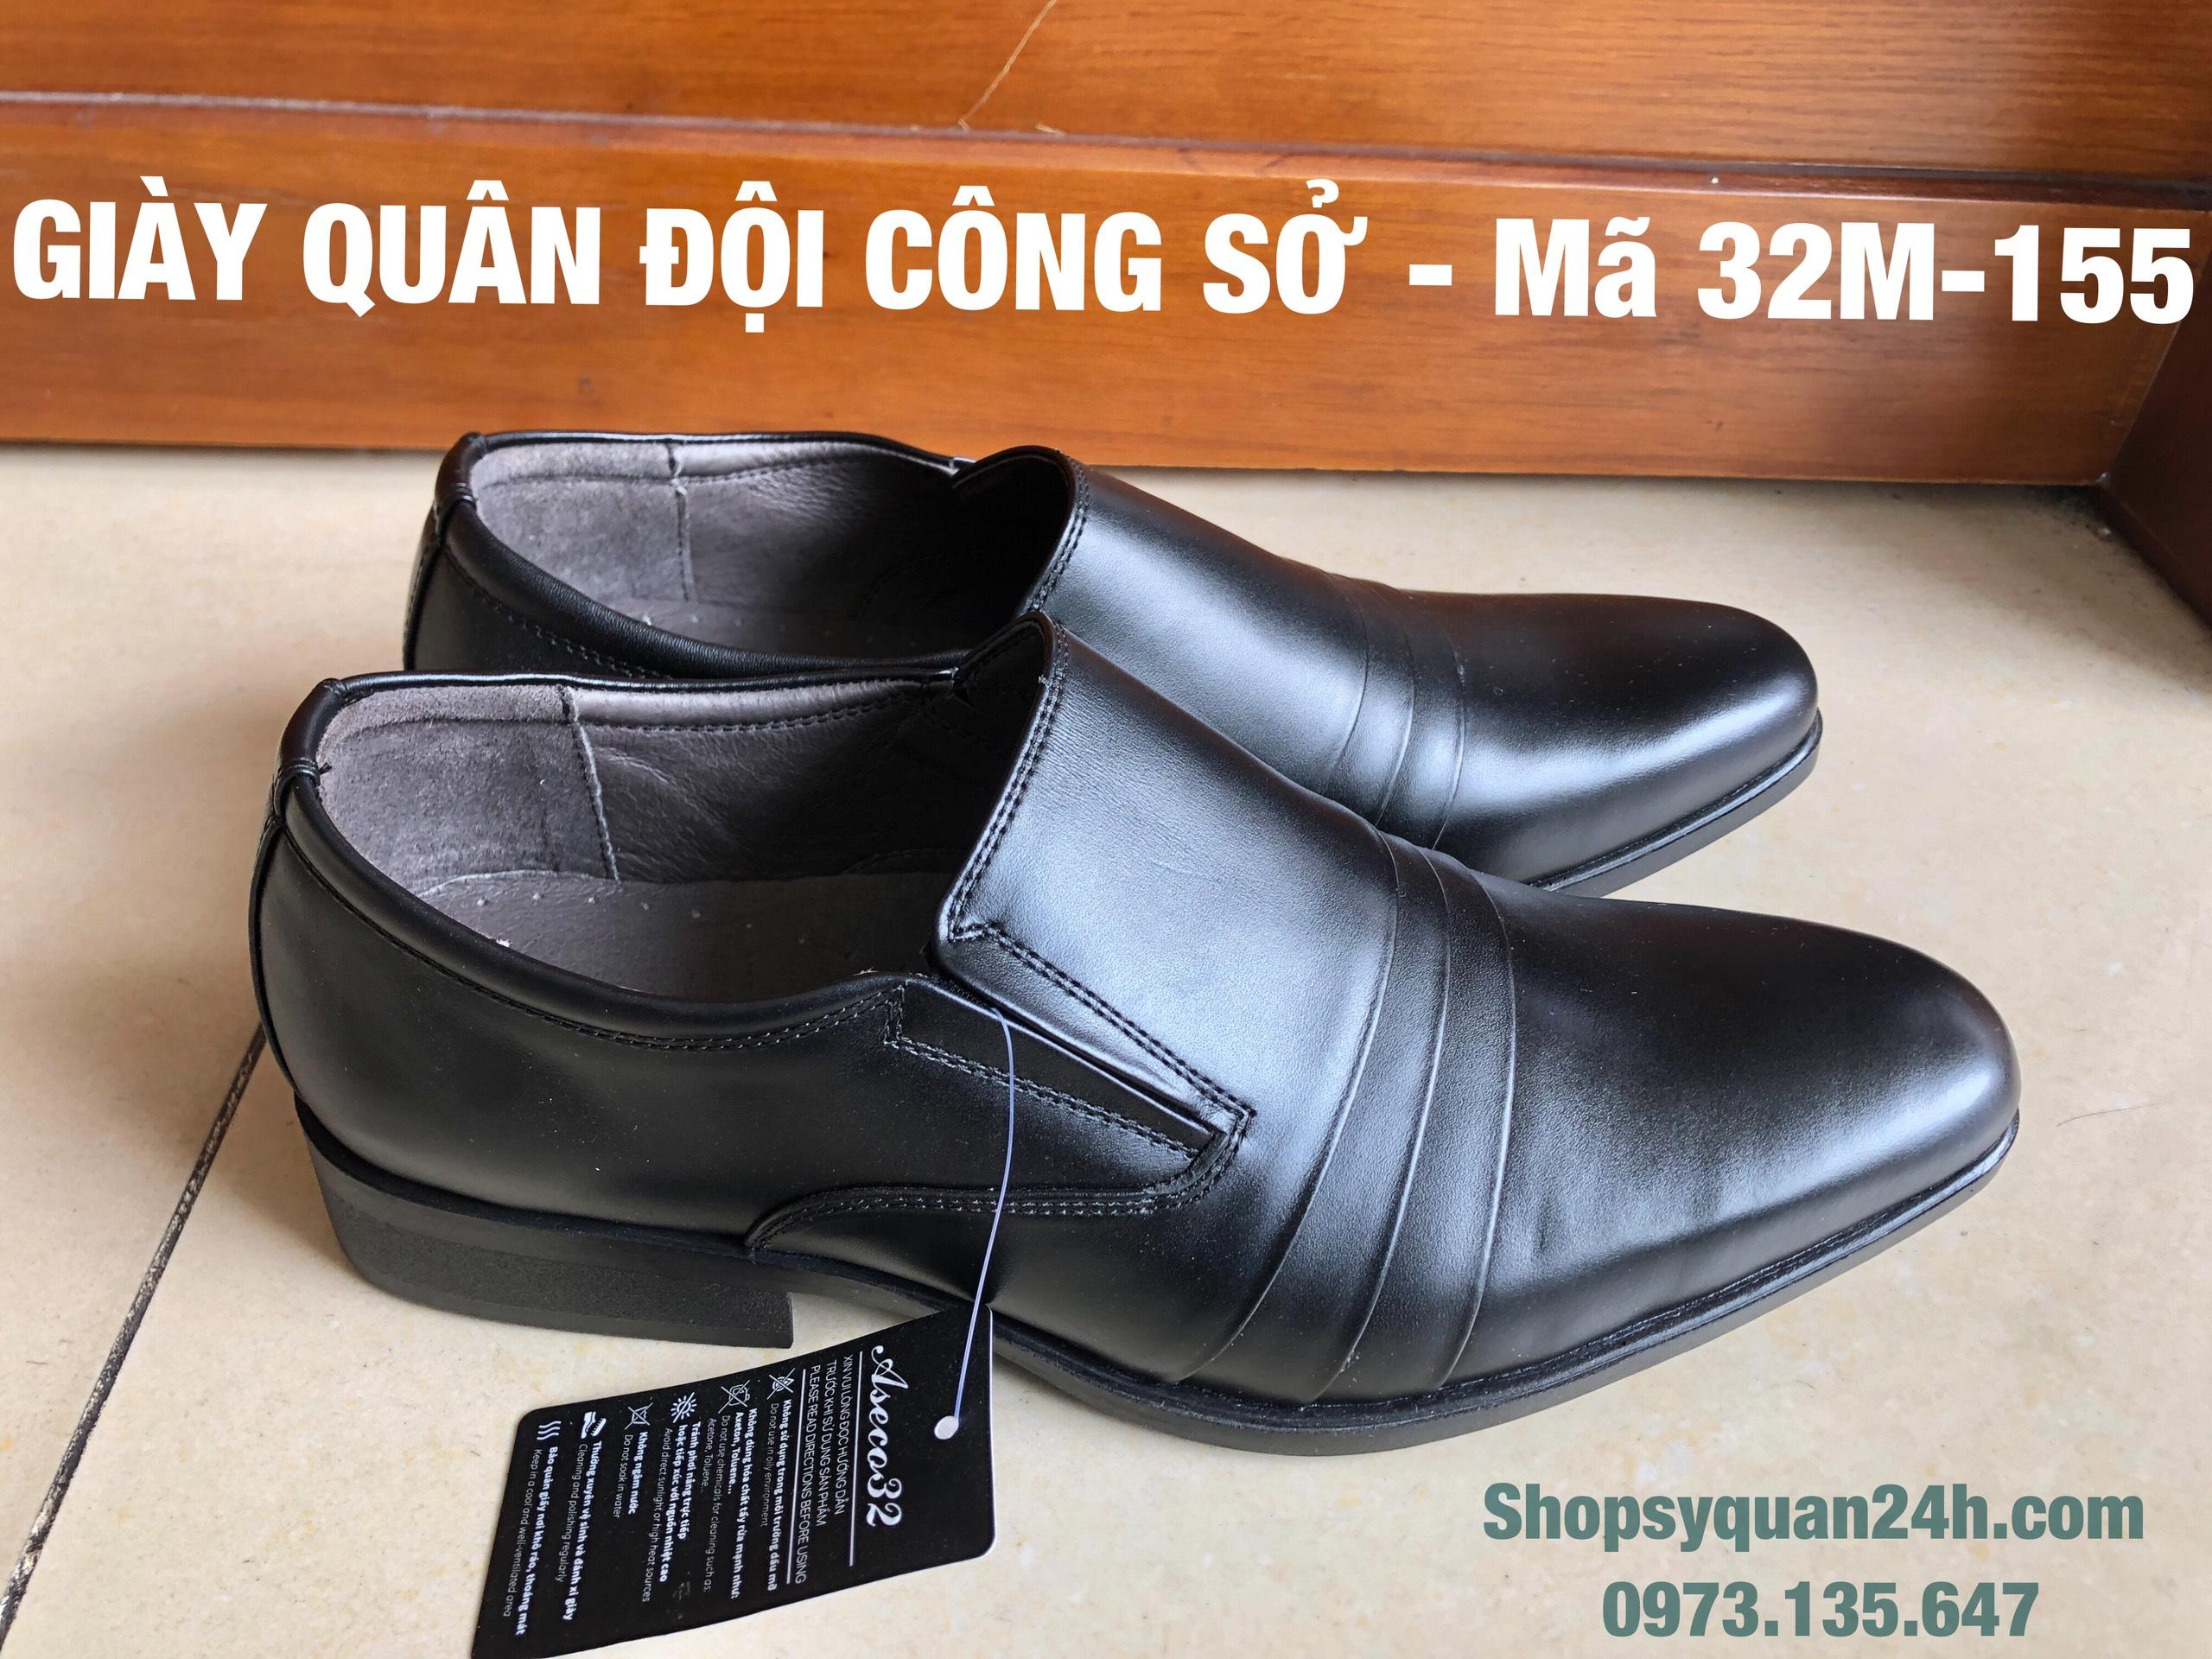 Giày Da Nam Công Sở ASECO32 32M - 155